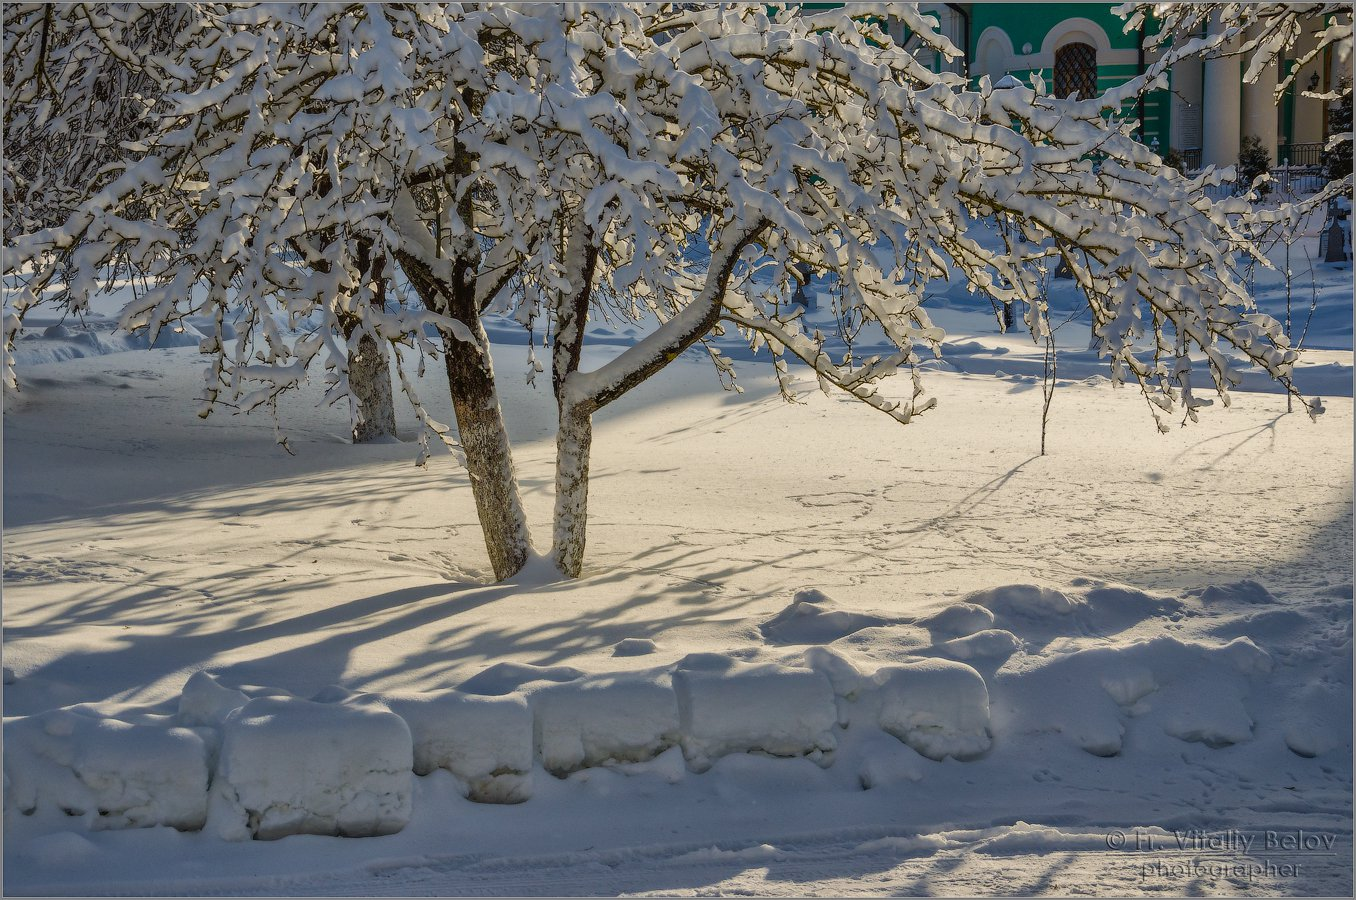 Зимний наряд (снимок сделан 5 февраля 2018 г.)